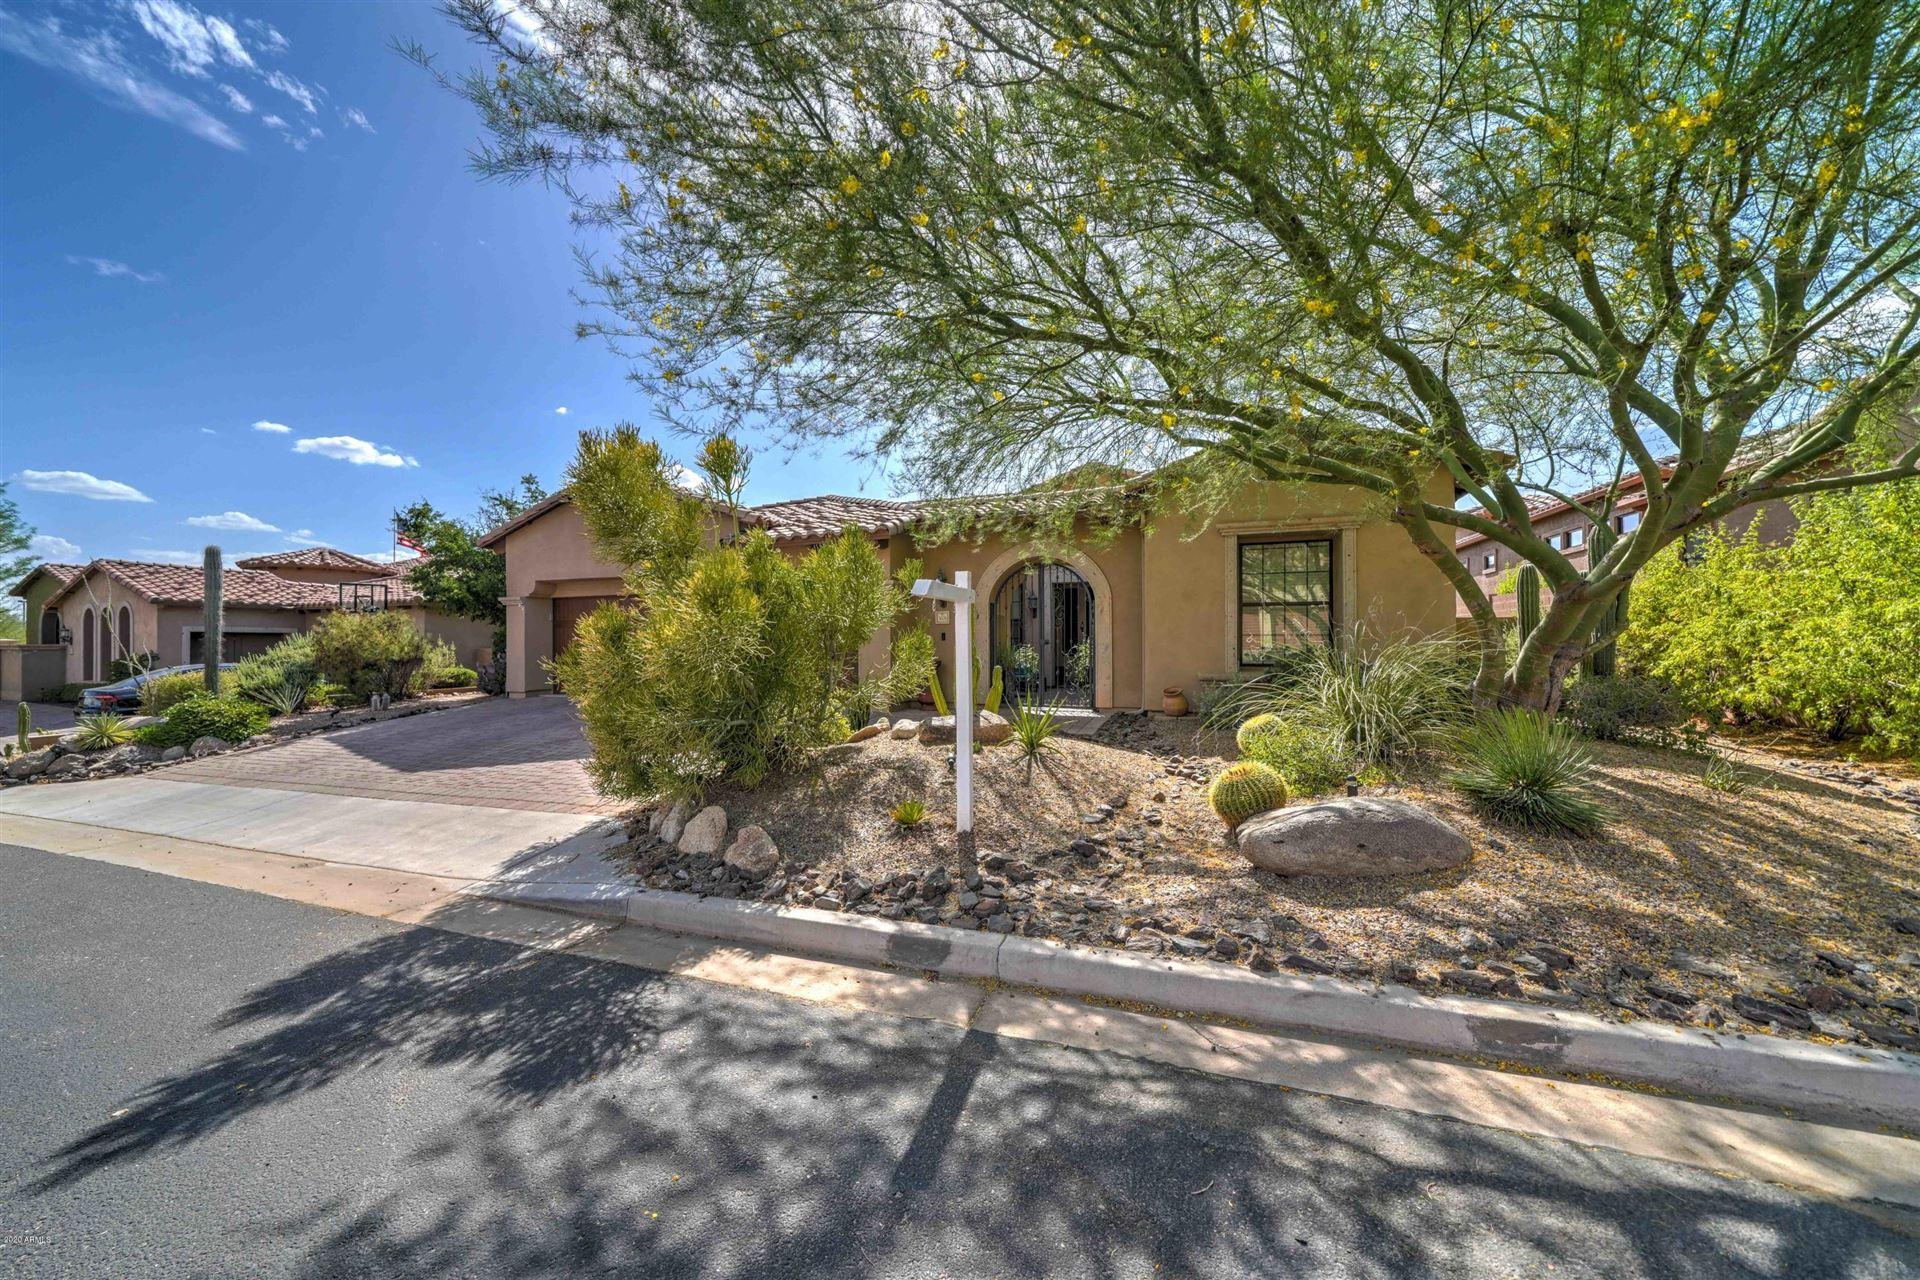 3606 N BOULDER CANYON Street, Mesa, AZ 85207 - #: 6099773